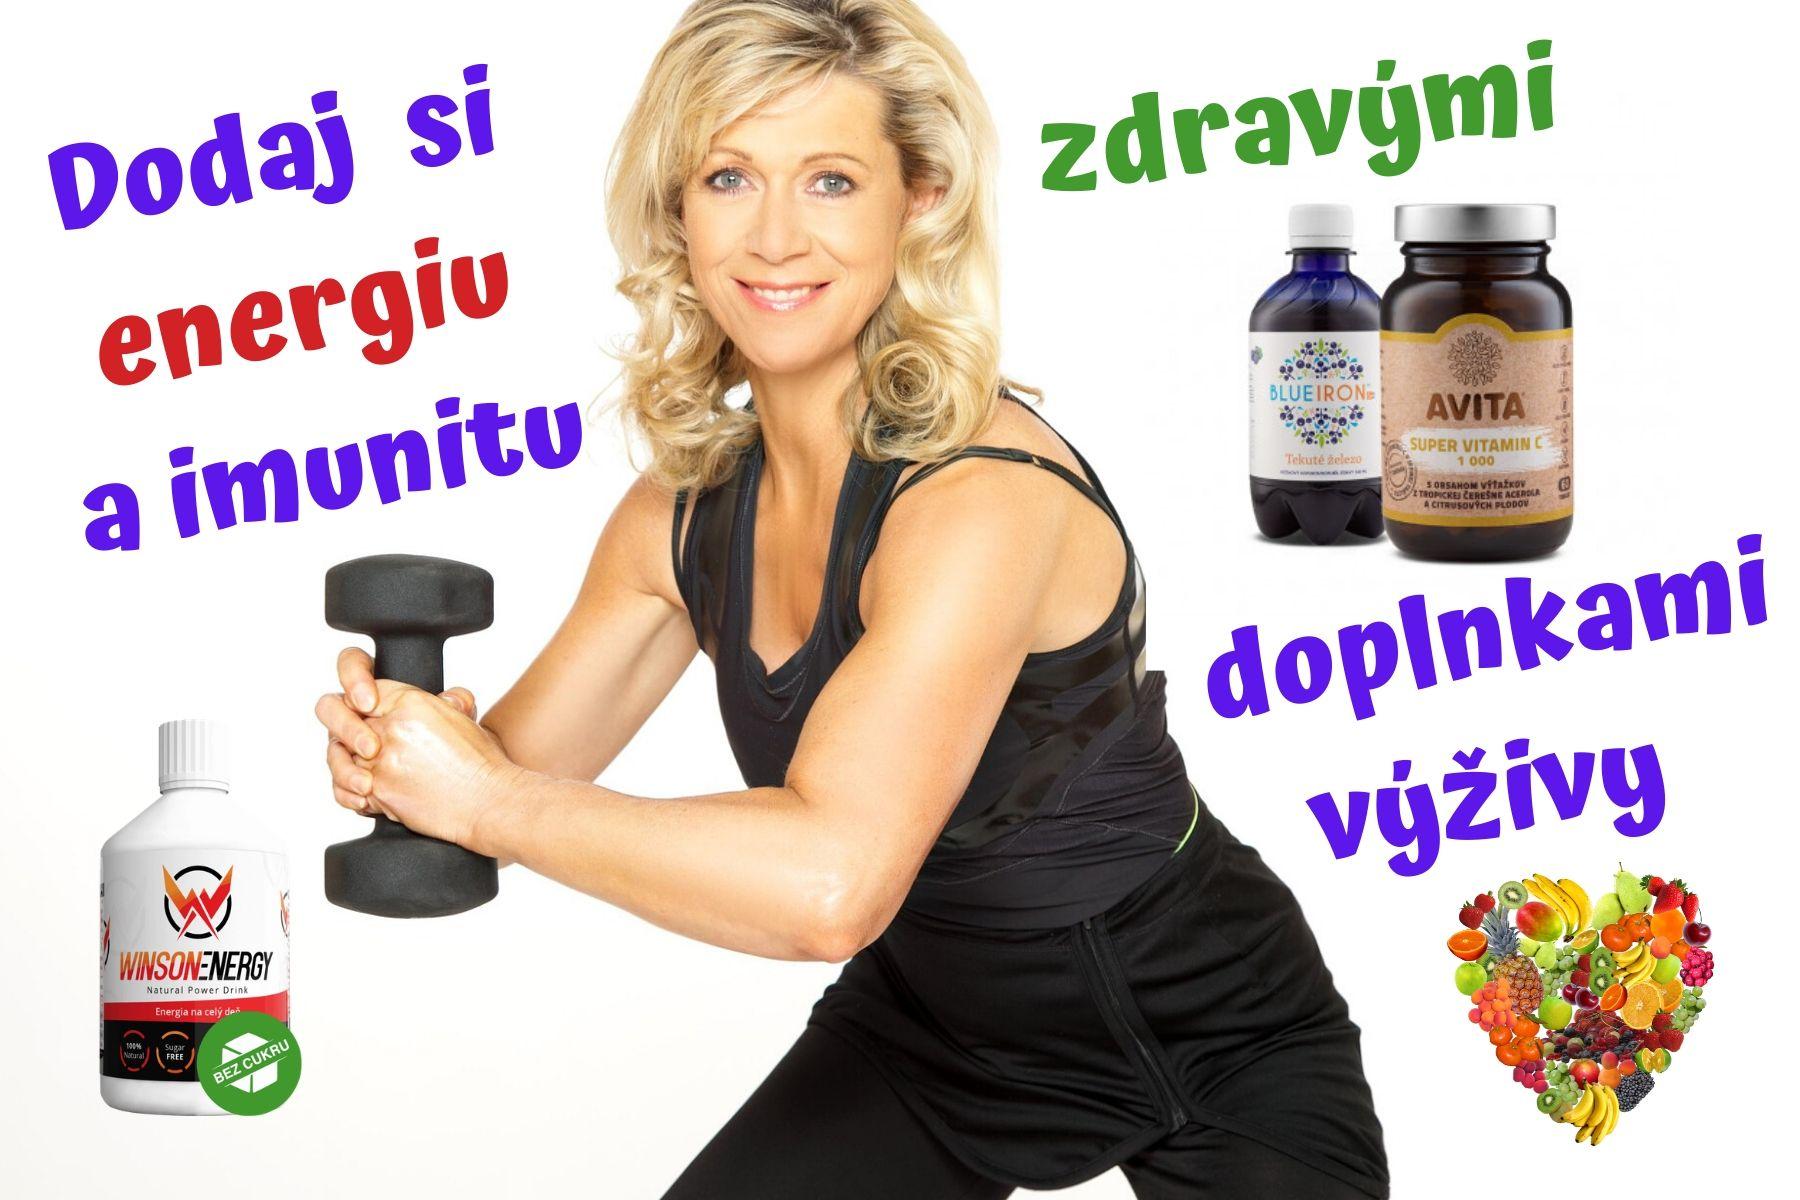 Dodaj si energiu a imunitu zdravými doplnkami výživy